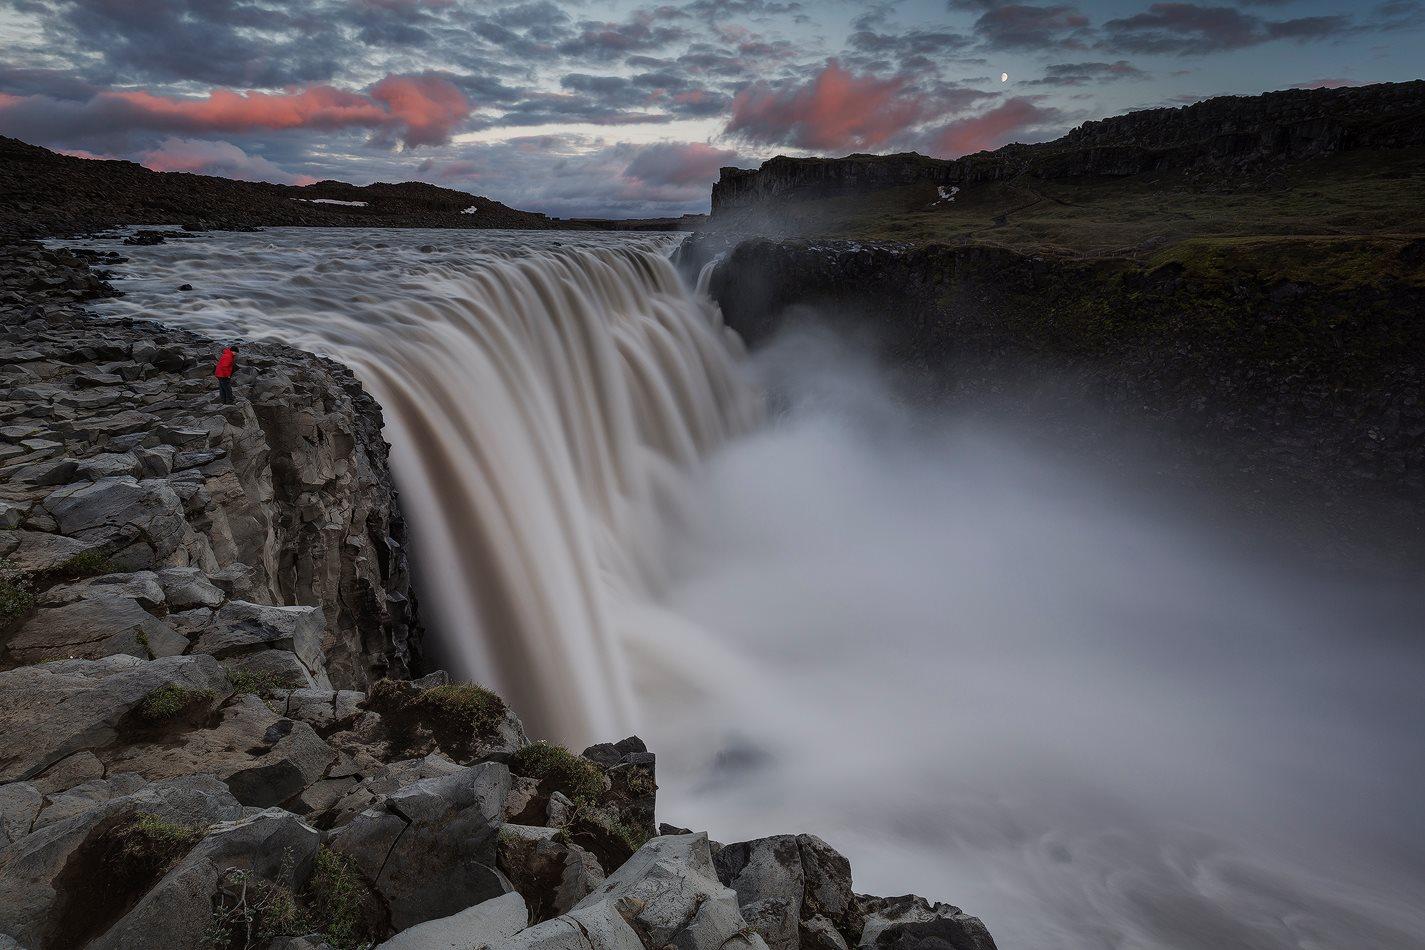 Dettifoss-vandfaldet er det kraftigste vandfald i Europa, og det imponerer altid.